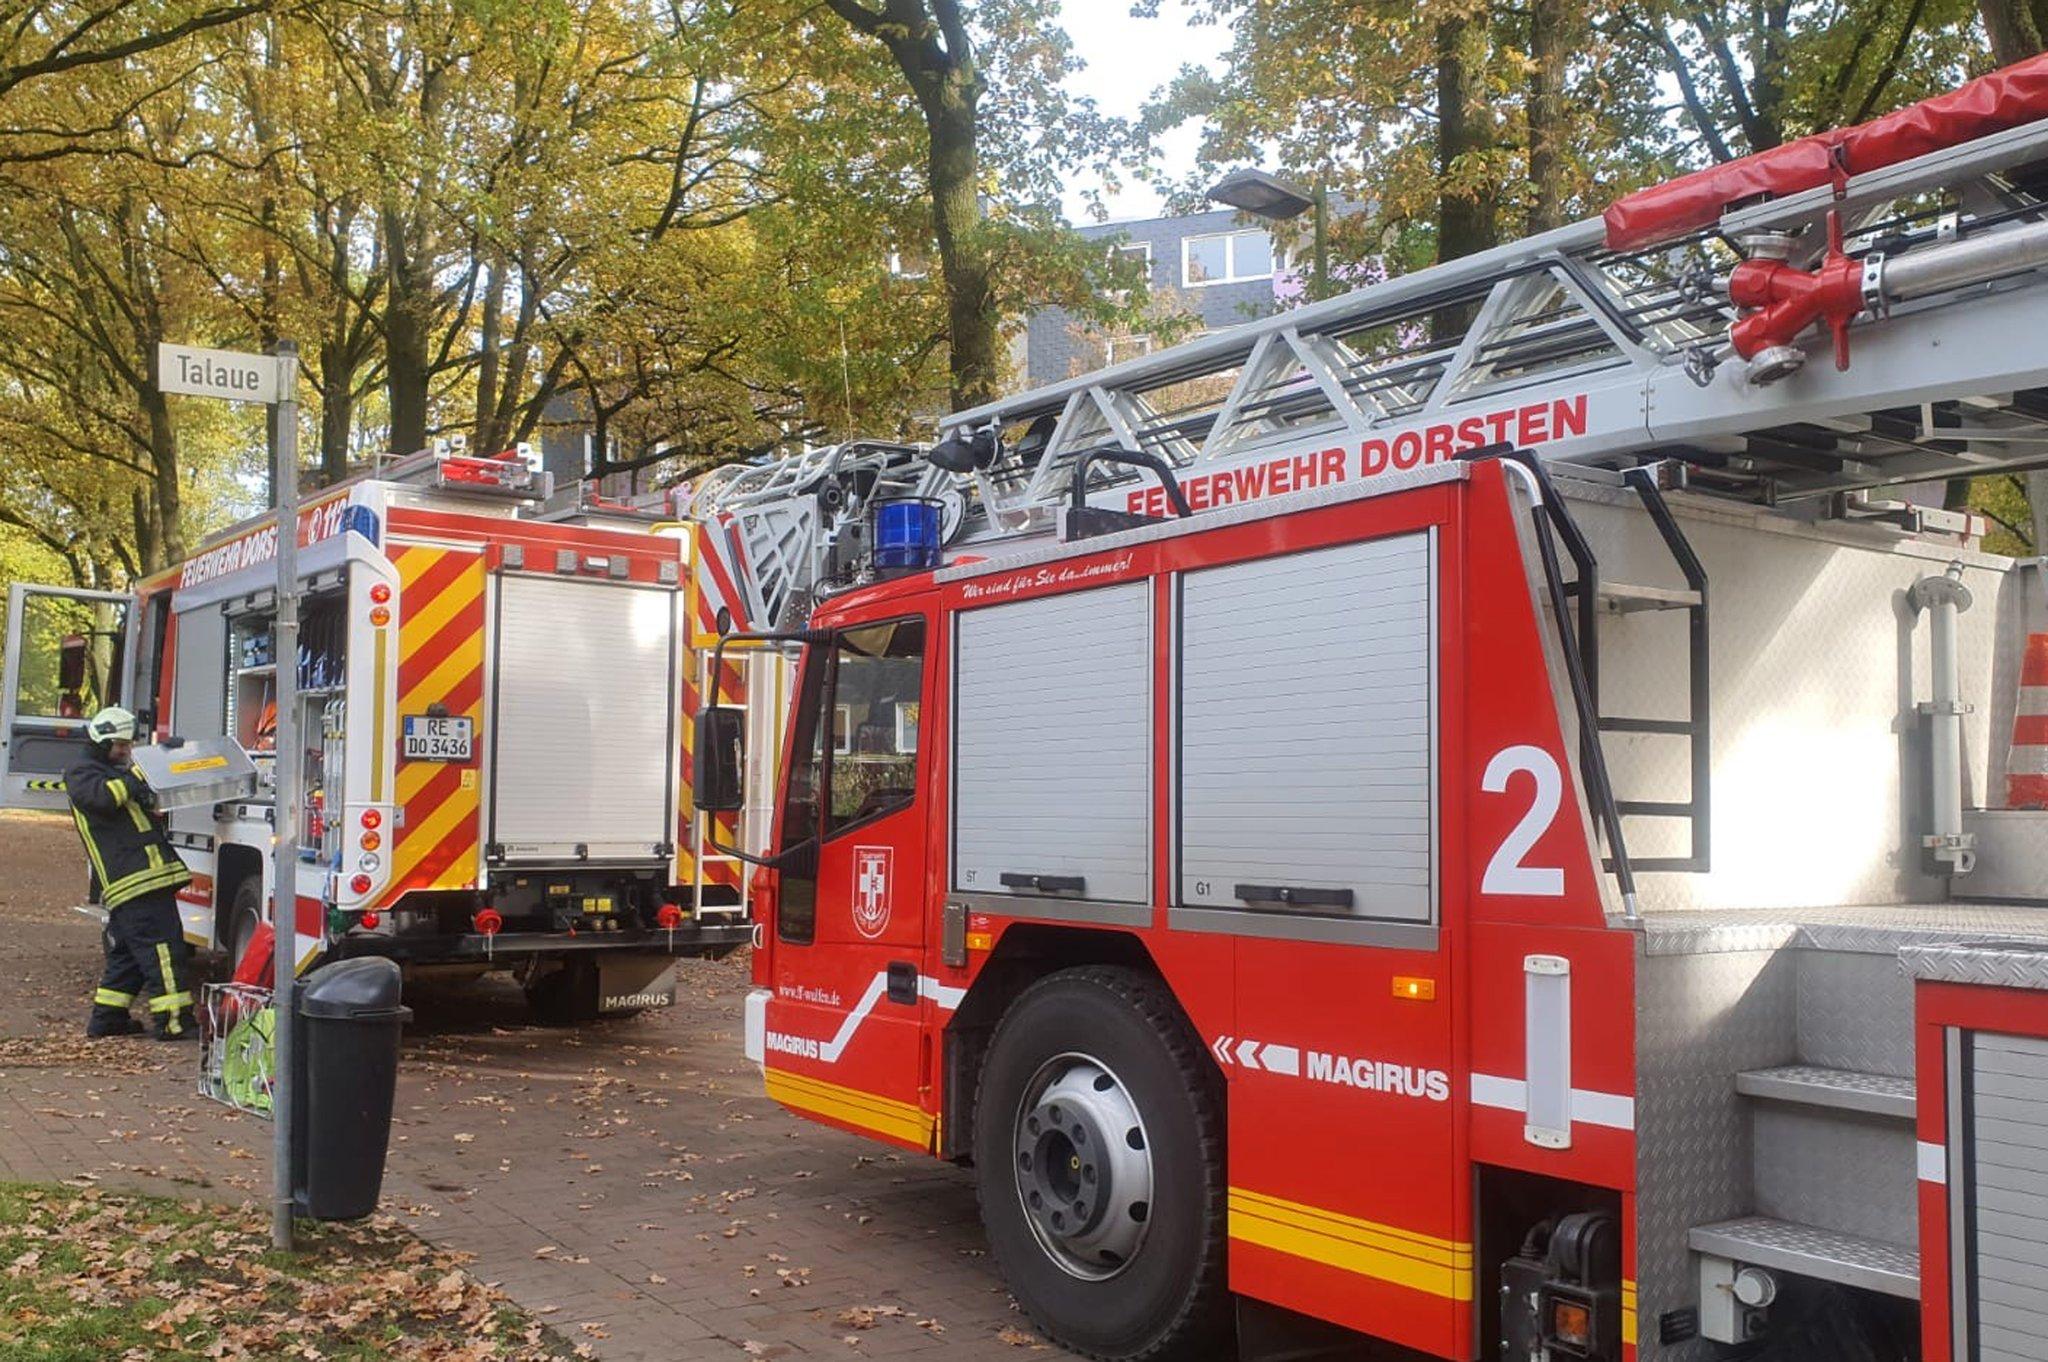 Feuerwehr löscht Brand in Küche: Rauchmelder und Nachbarn verhindern Wohnungsbrand - Lokalkompass.de